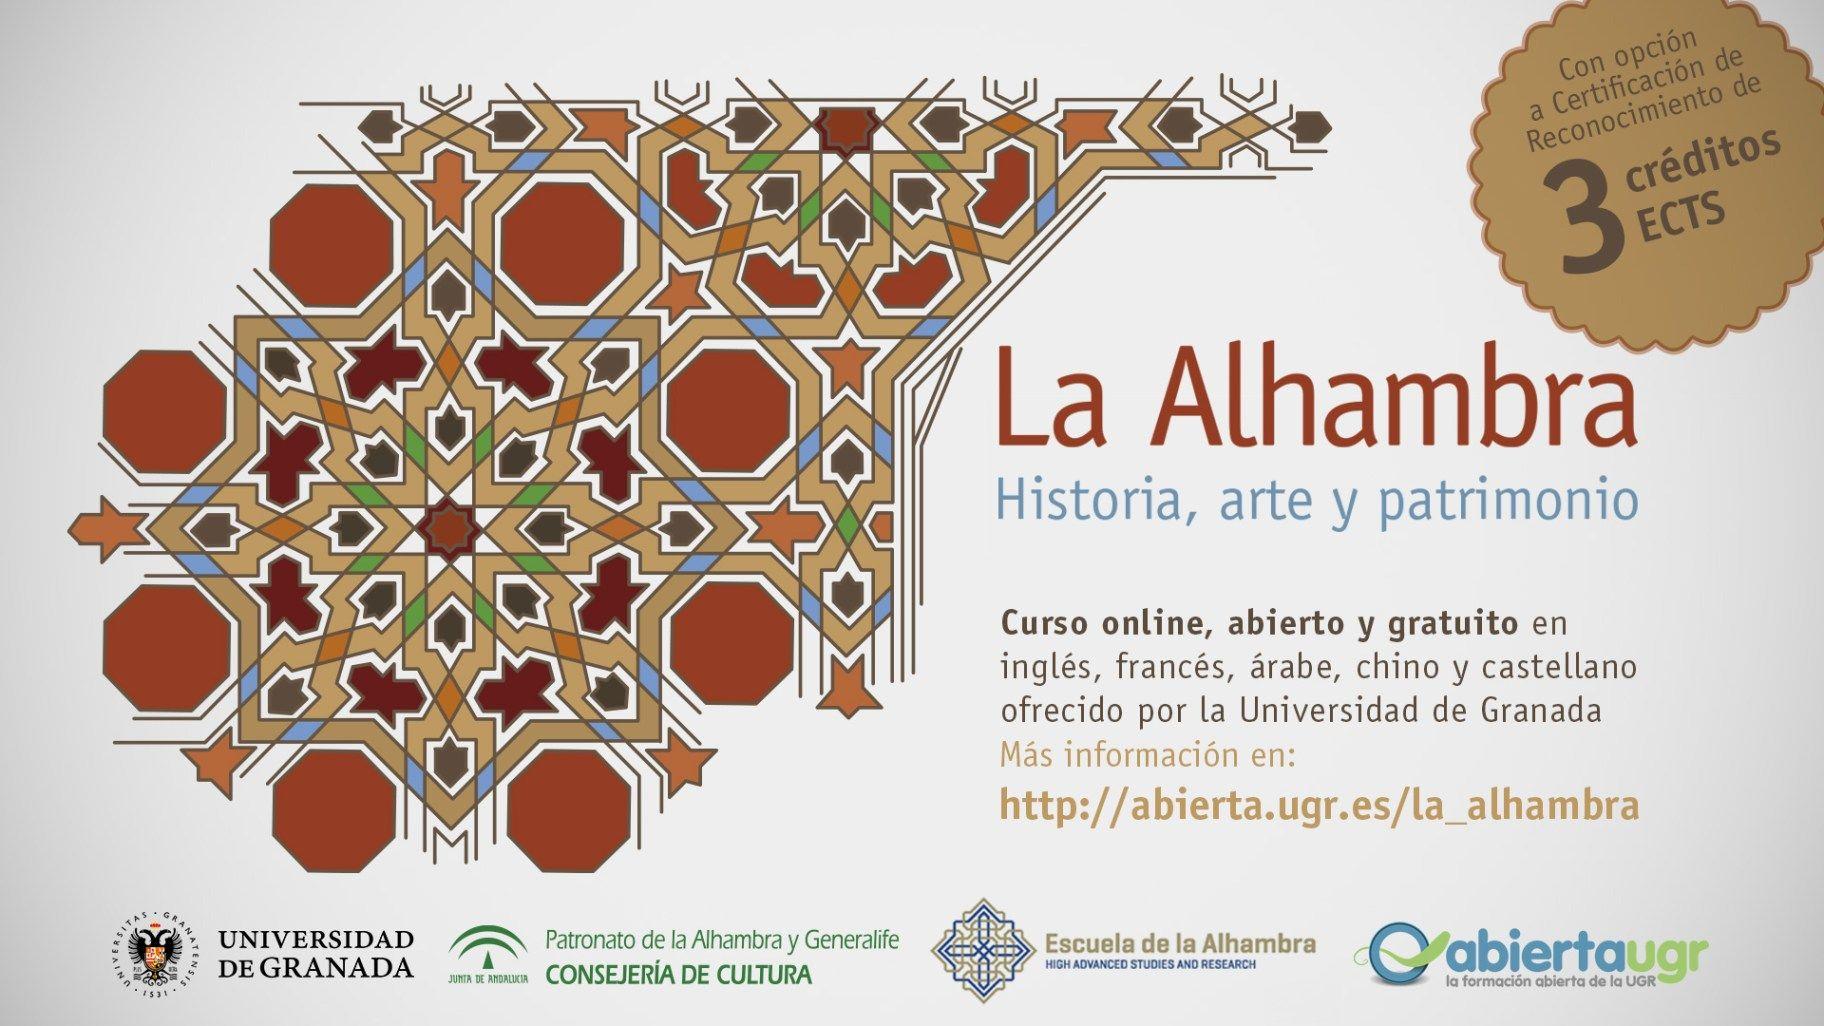 Curso gratuito sobre la Alhambra de la Universidad de Granada, UGR